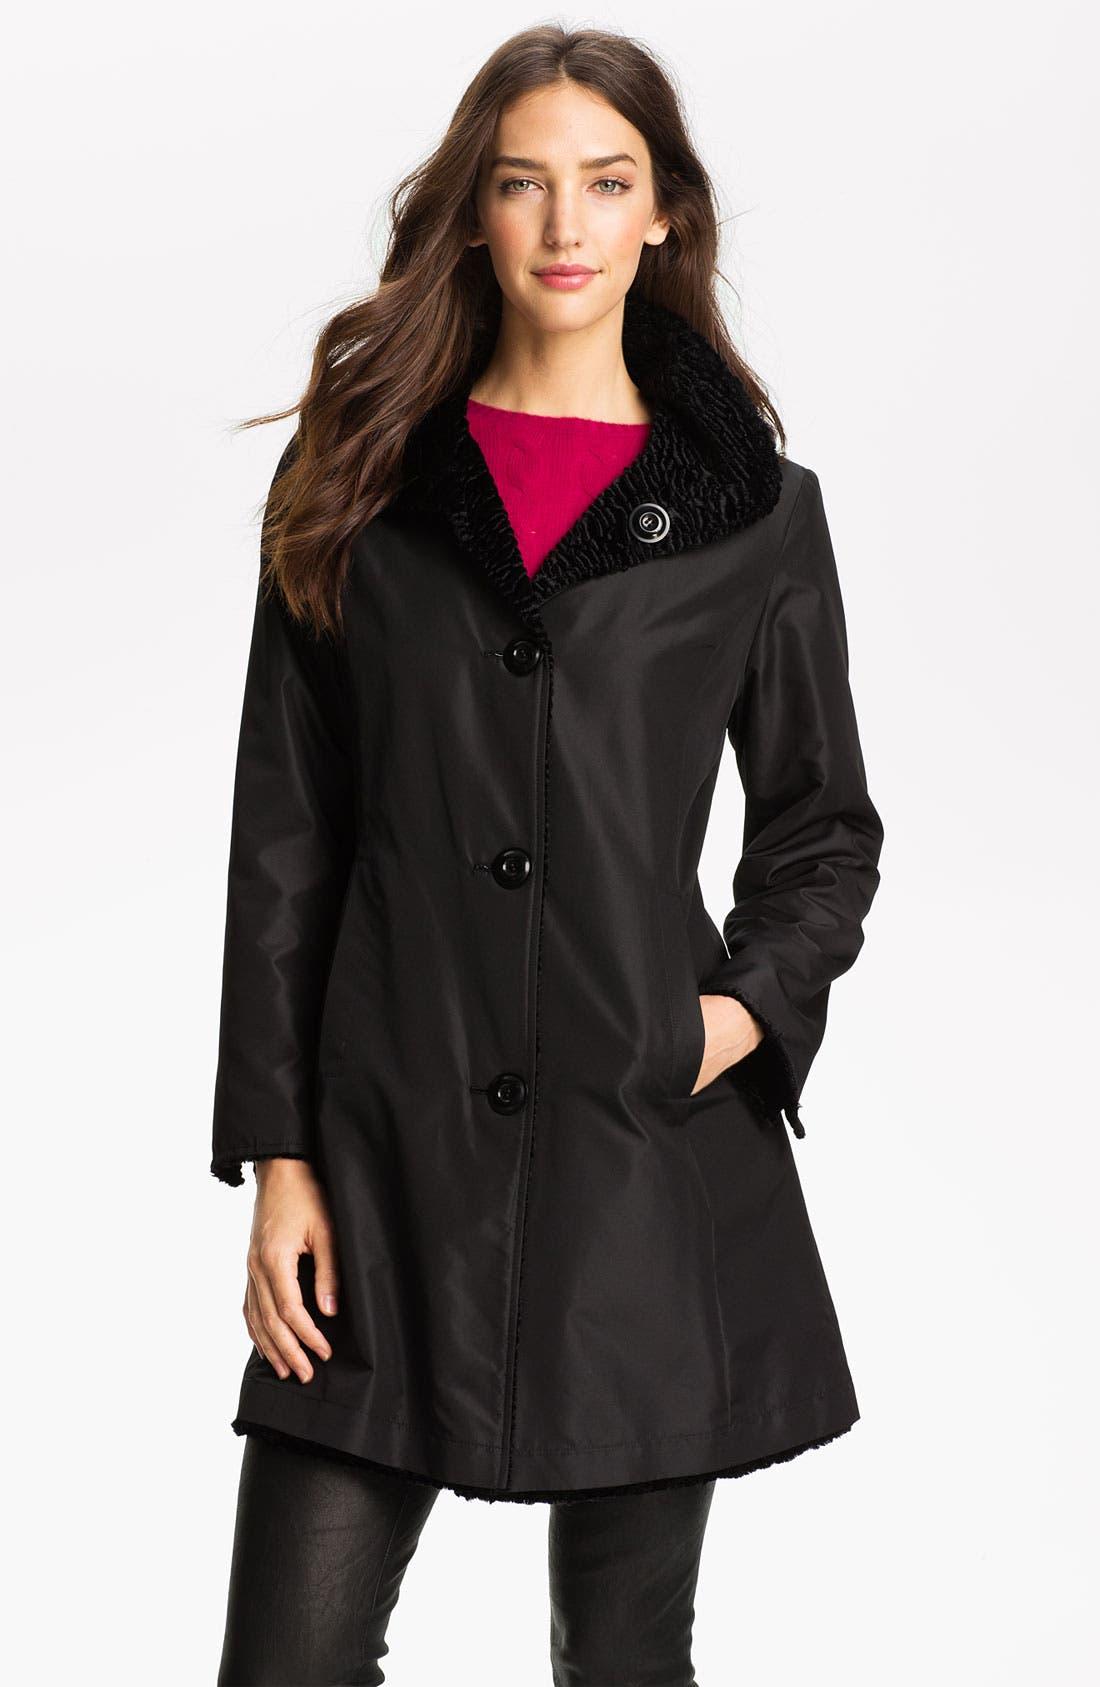 Alternate Image 1 Selected - Ellen Tracy Reversible Faux Persian Lamb Fur Coat (Regular & Petite) (Nordstrom Exclusive)